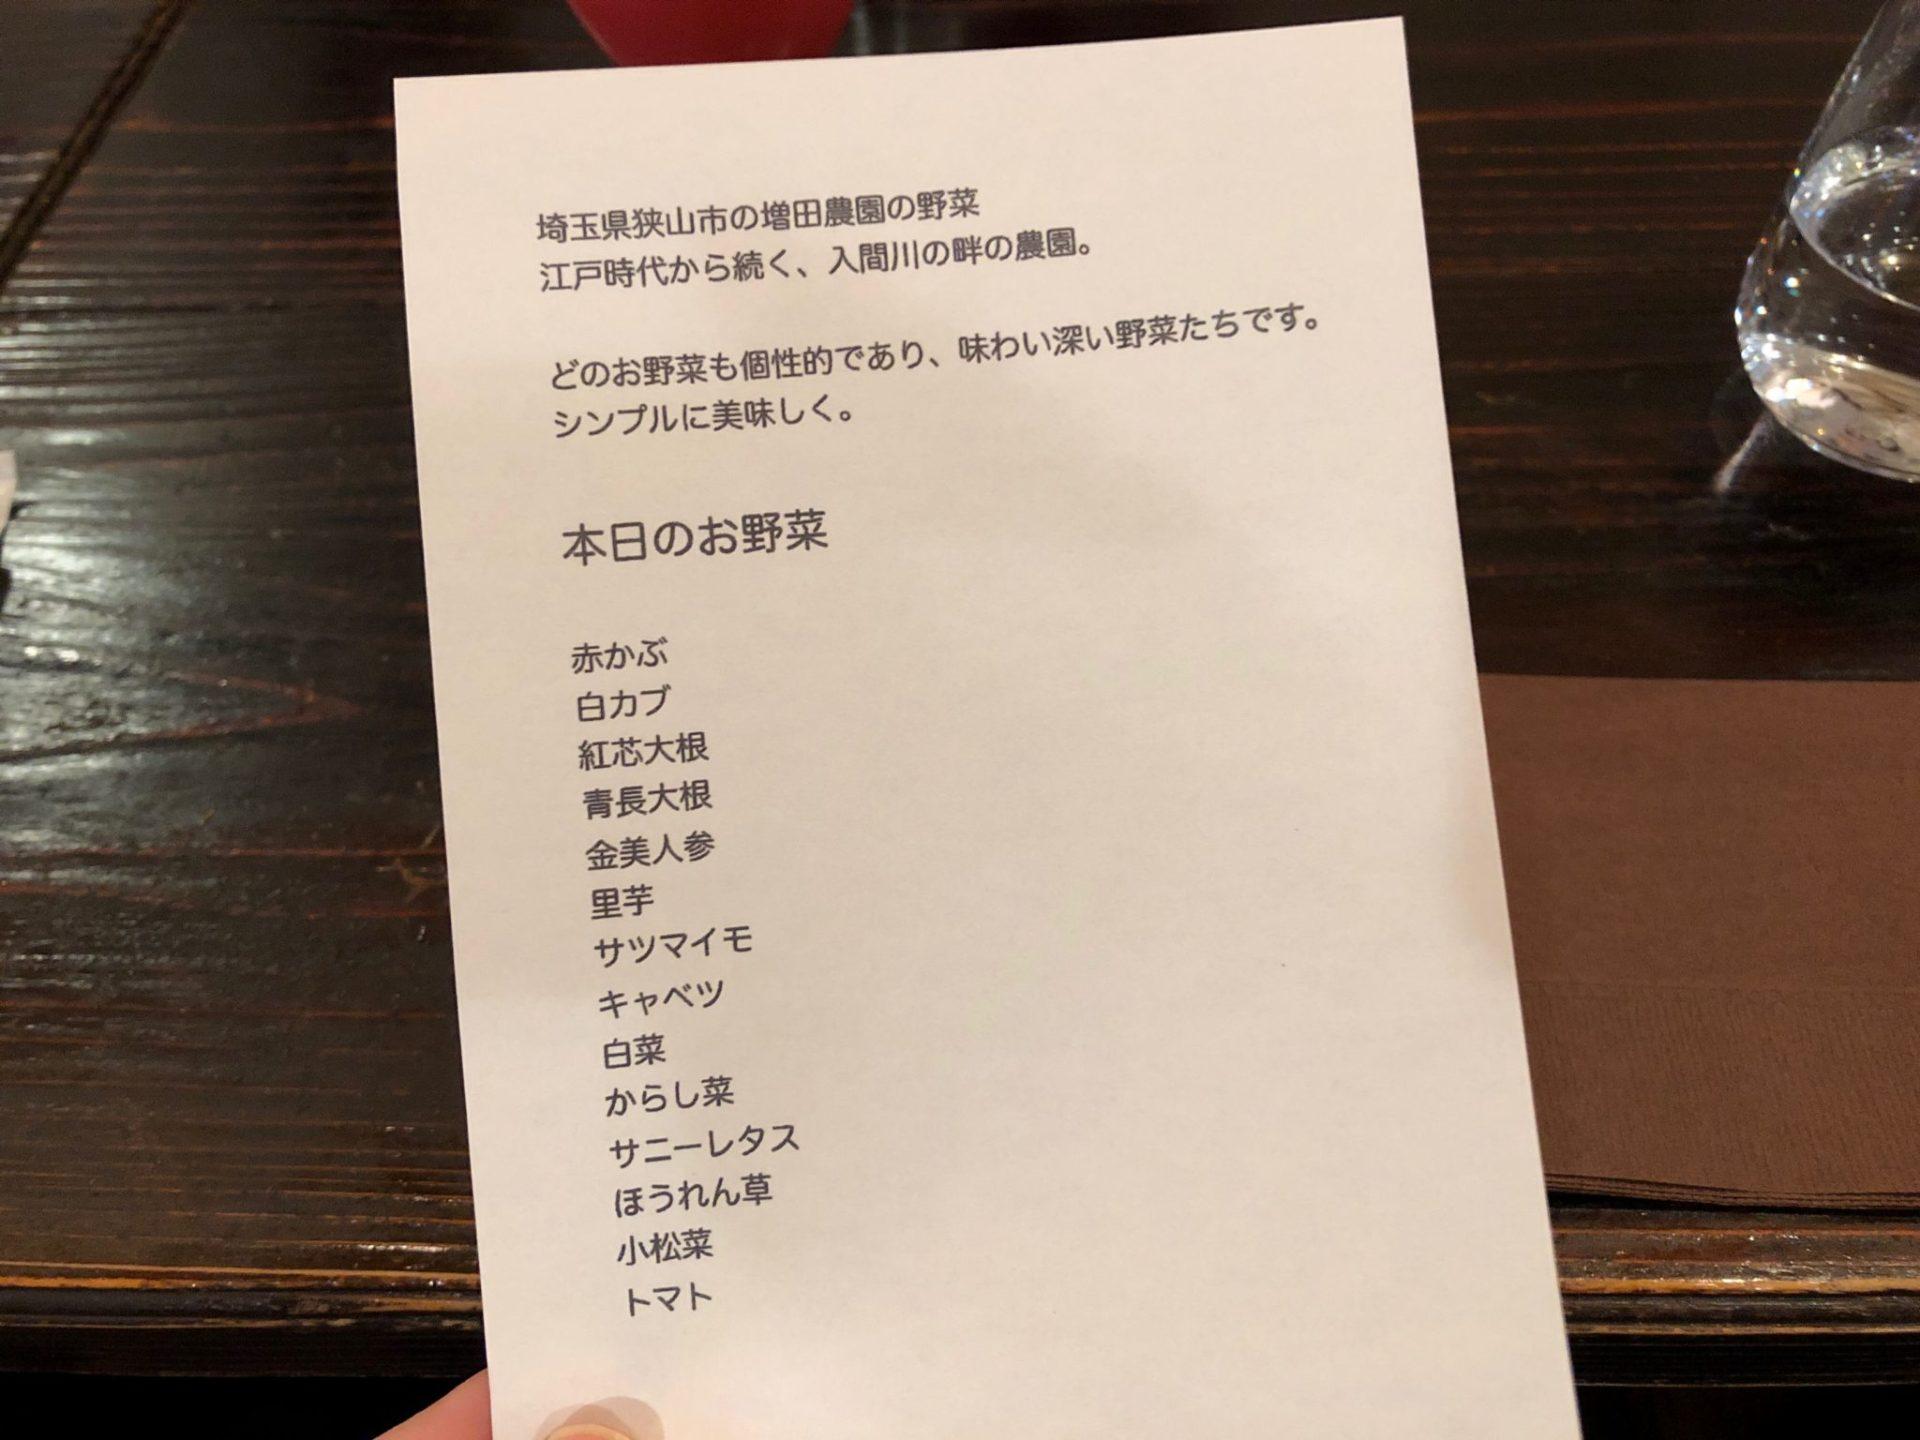 ズッペリア オステリア ピティリアーノ 祖師谷の野菜は埼玉県狭山市産